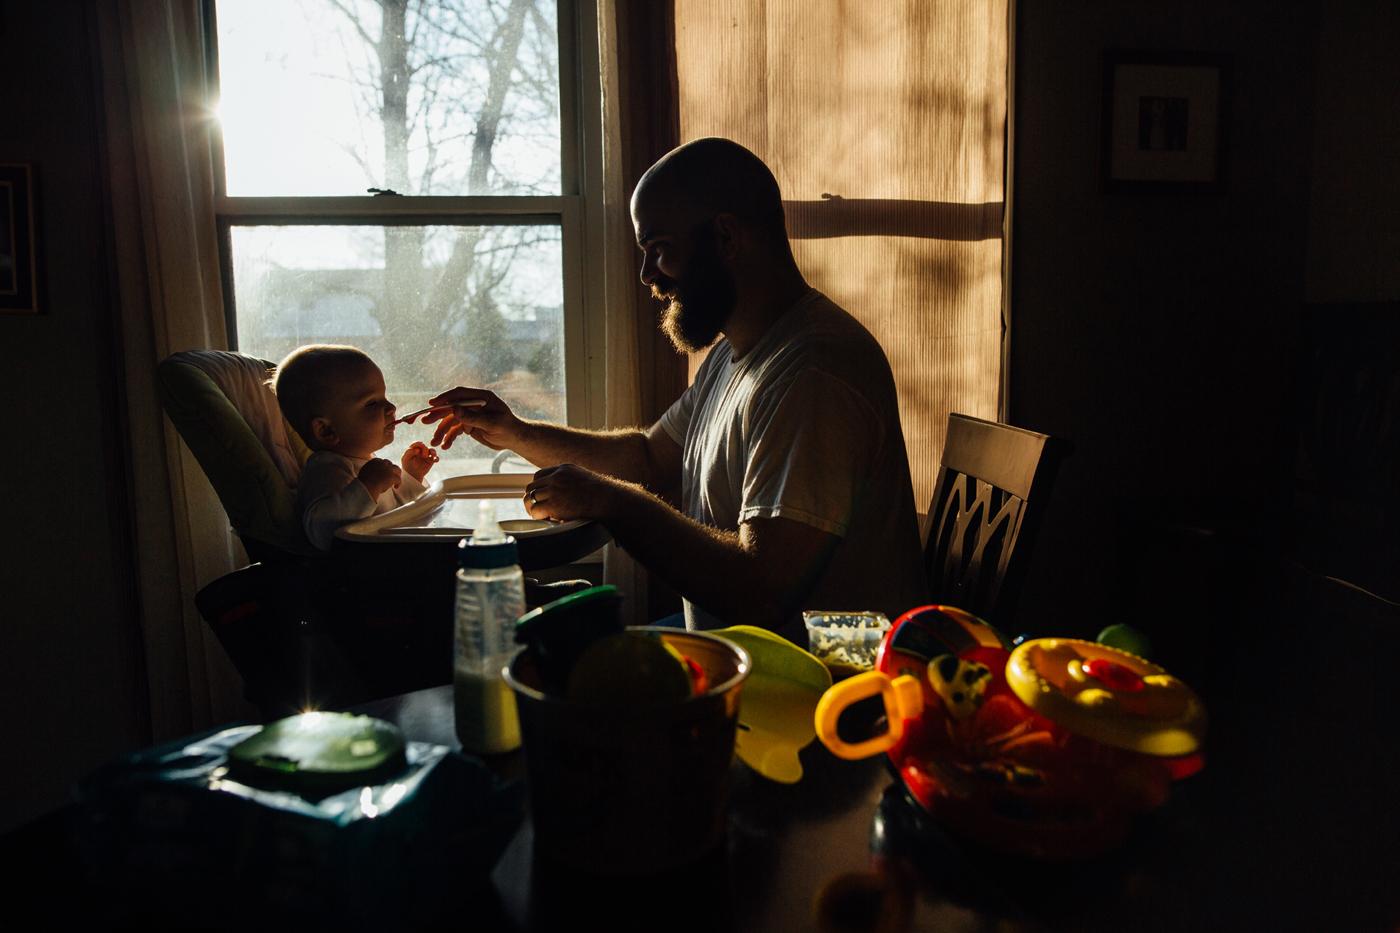 'Father Son' by Jamie Scott